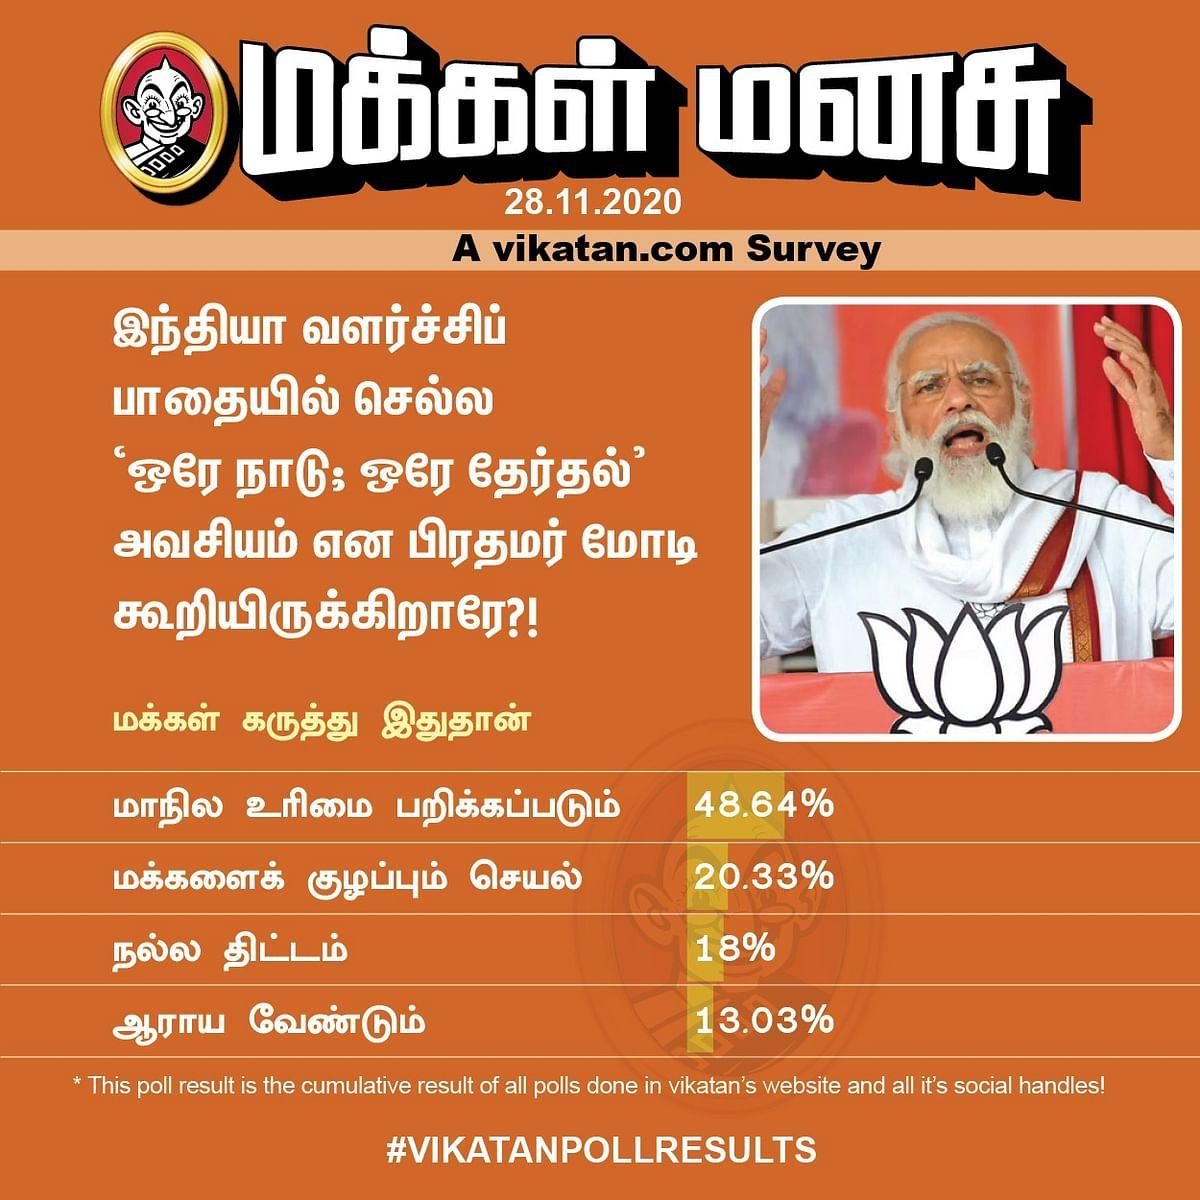 வளர்ச்சிப்பாதைக்கு ஒரே நாடு;ஒரே தேர்தல் அவசியம் என பிரதமர் மோடி கூறியிருக்கிறாரே?#VikatanPollResults